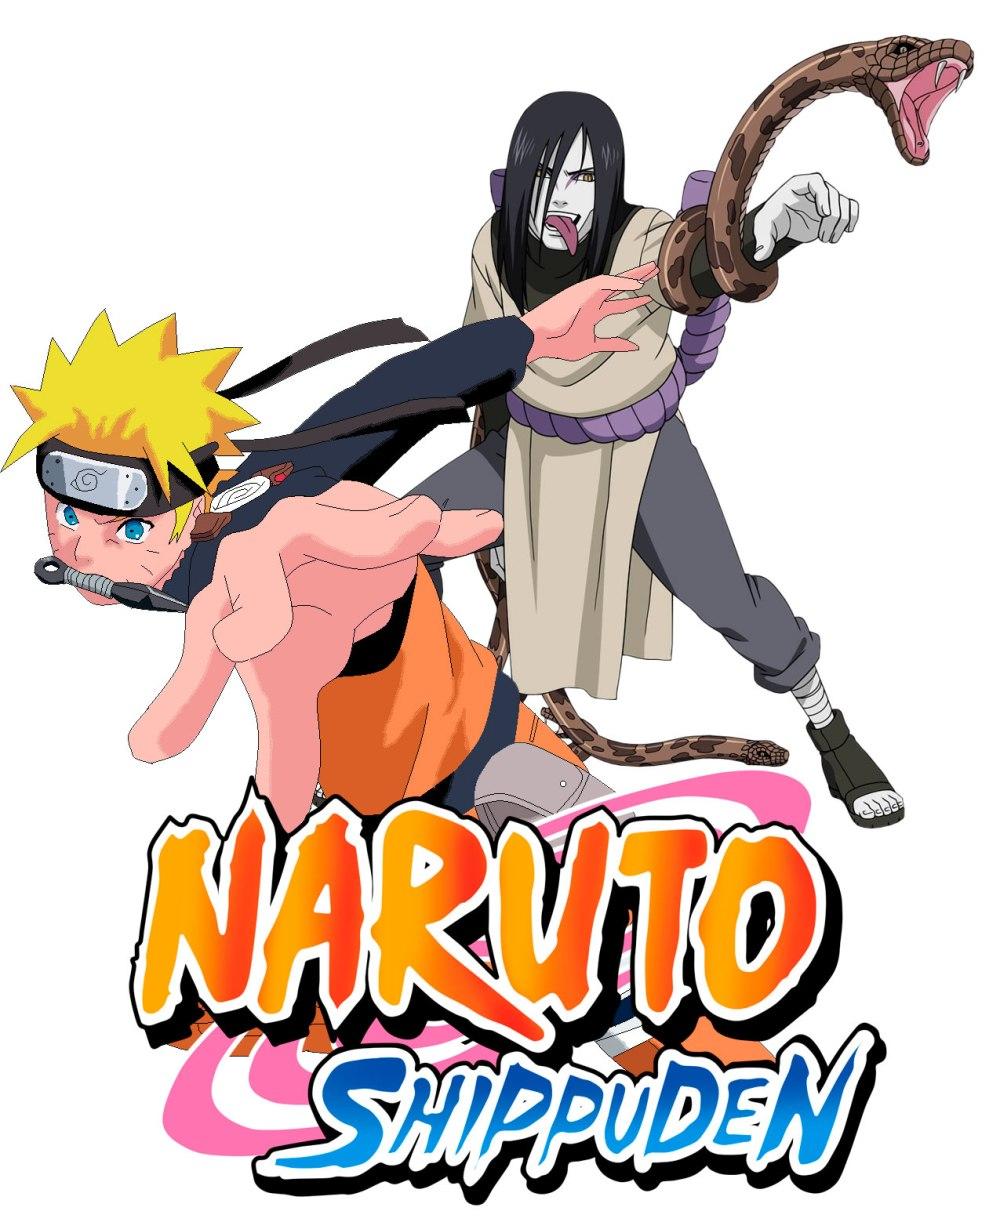 Naruto-shippuden-orochimaru-logo